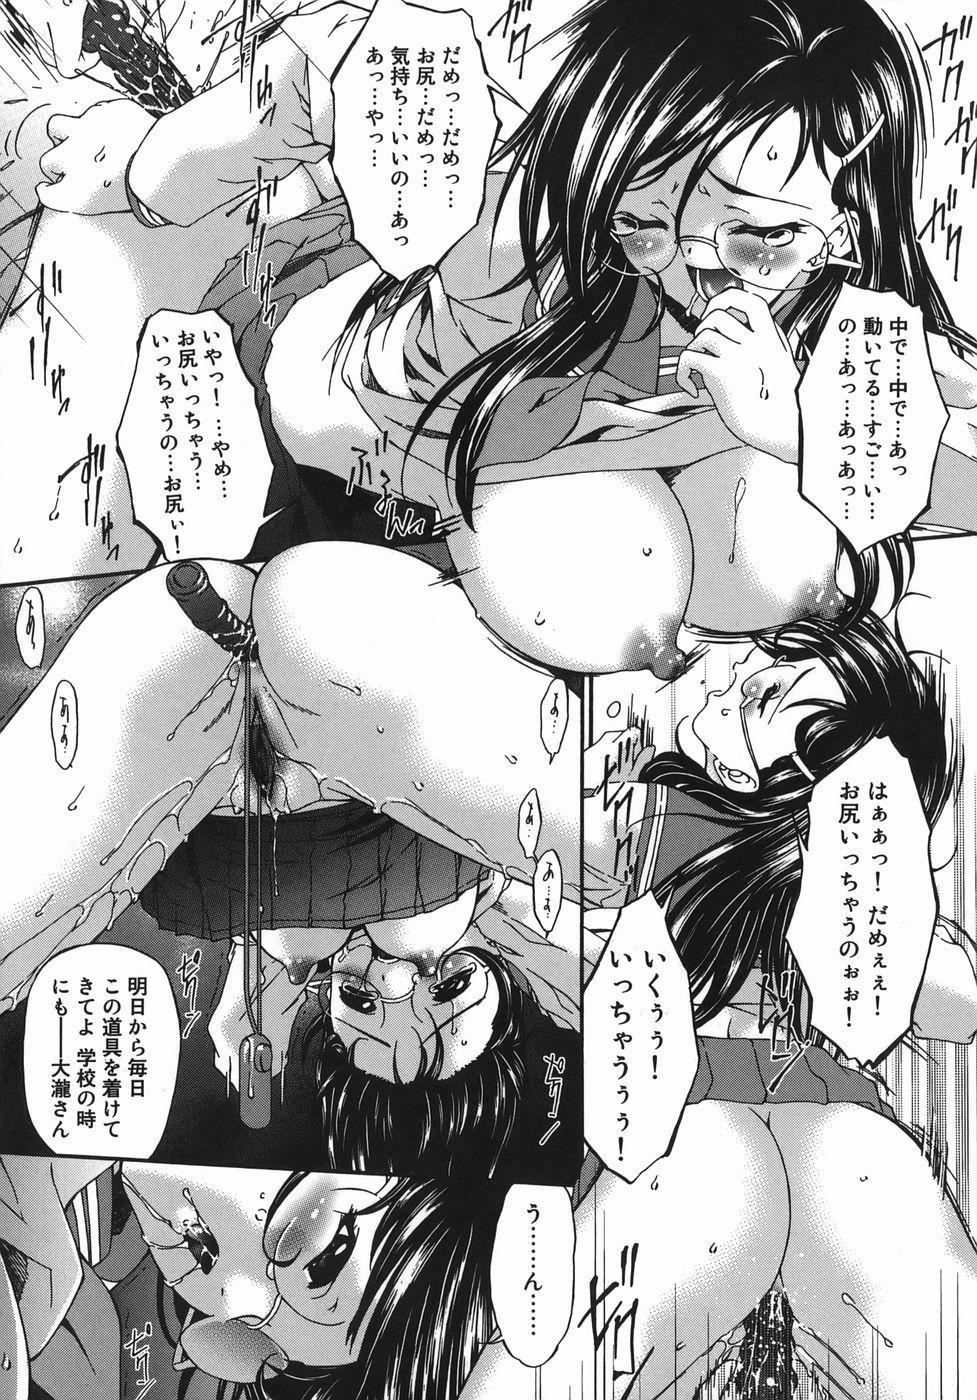 Hensachi ZERO kara no Seiteki Kyouiku 54